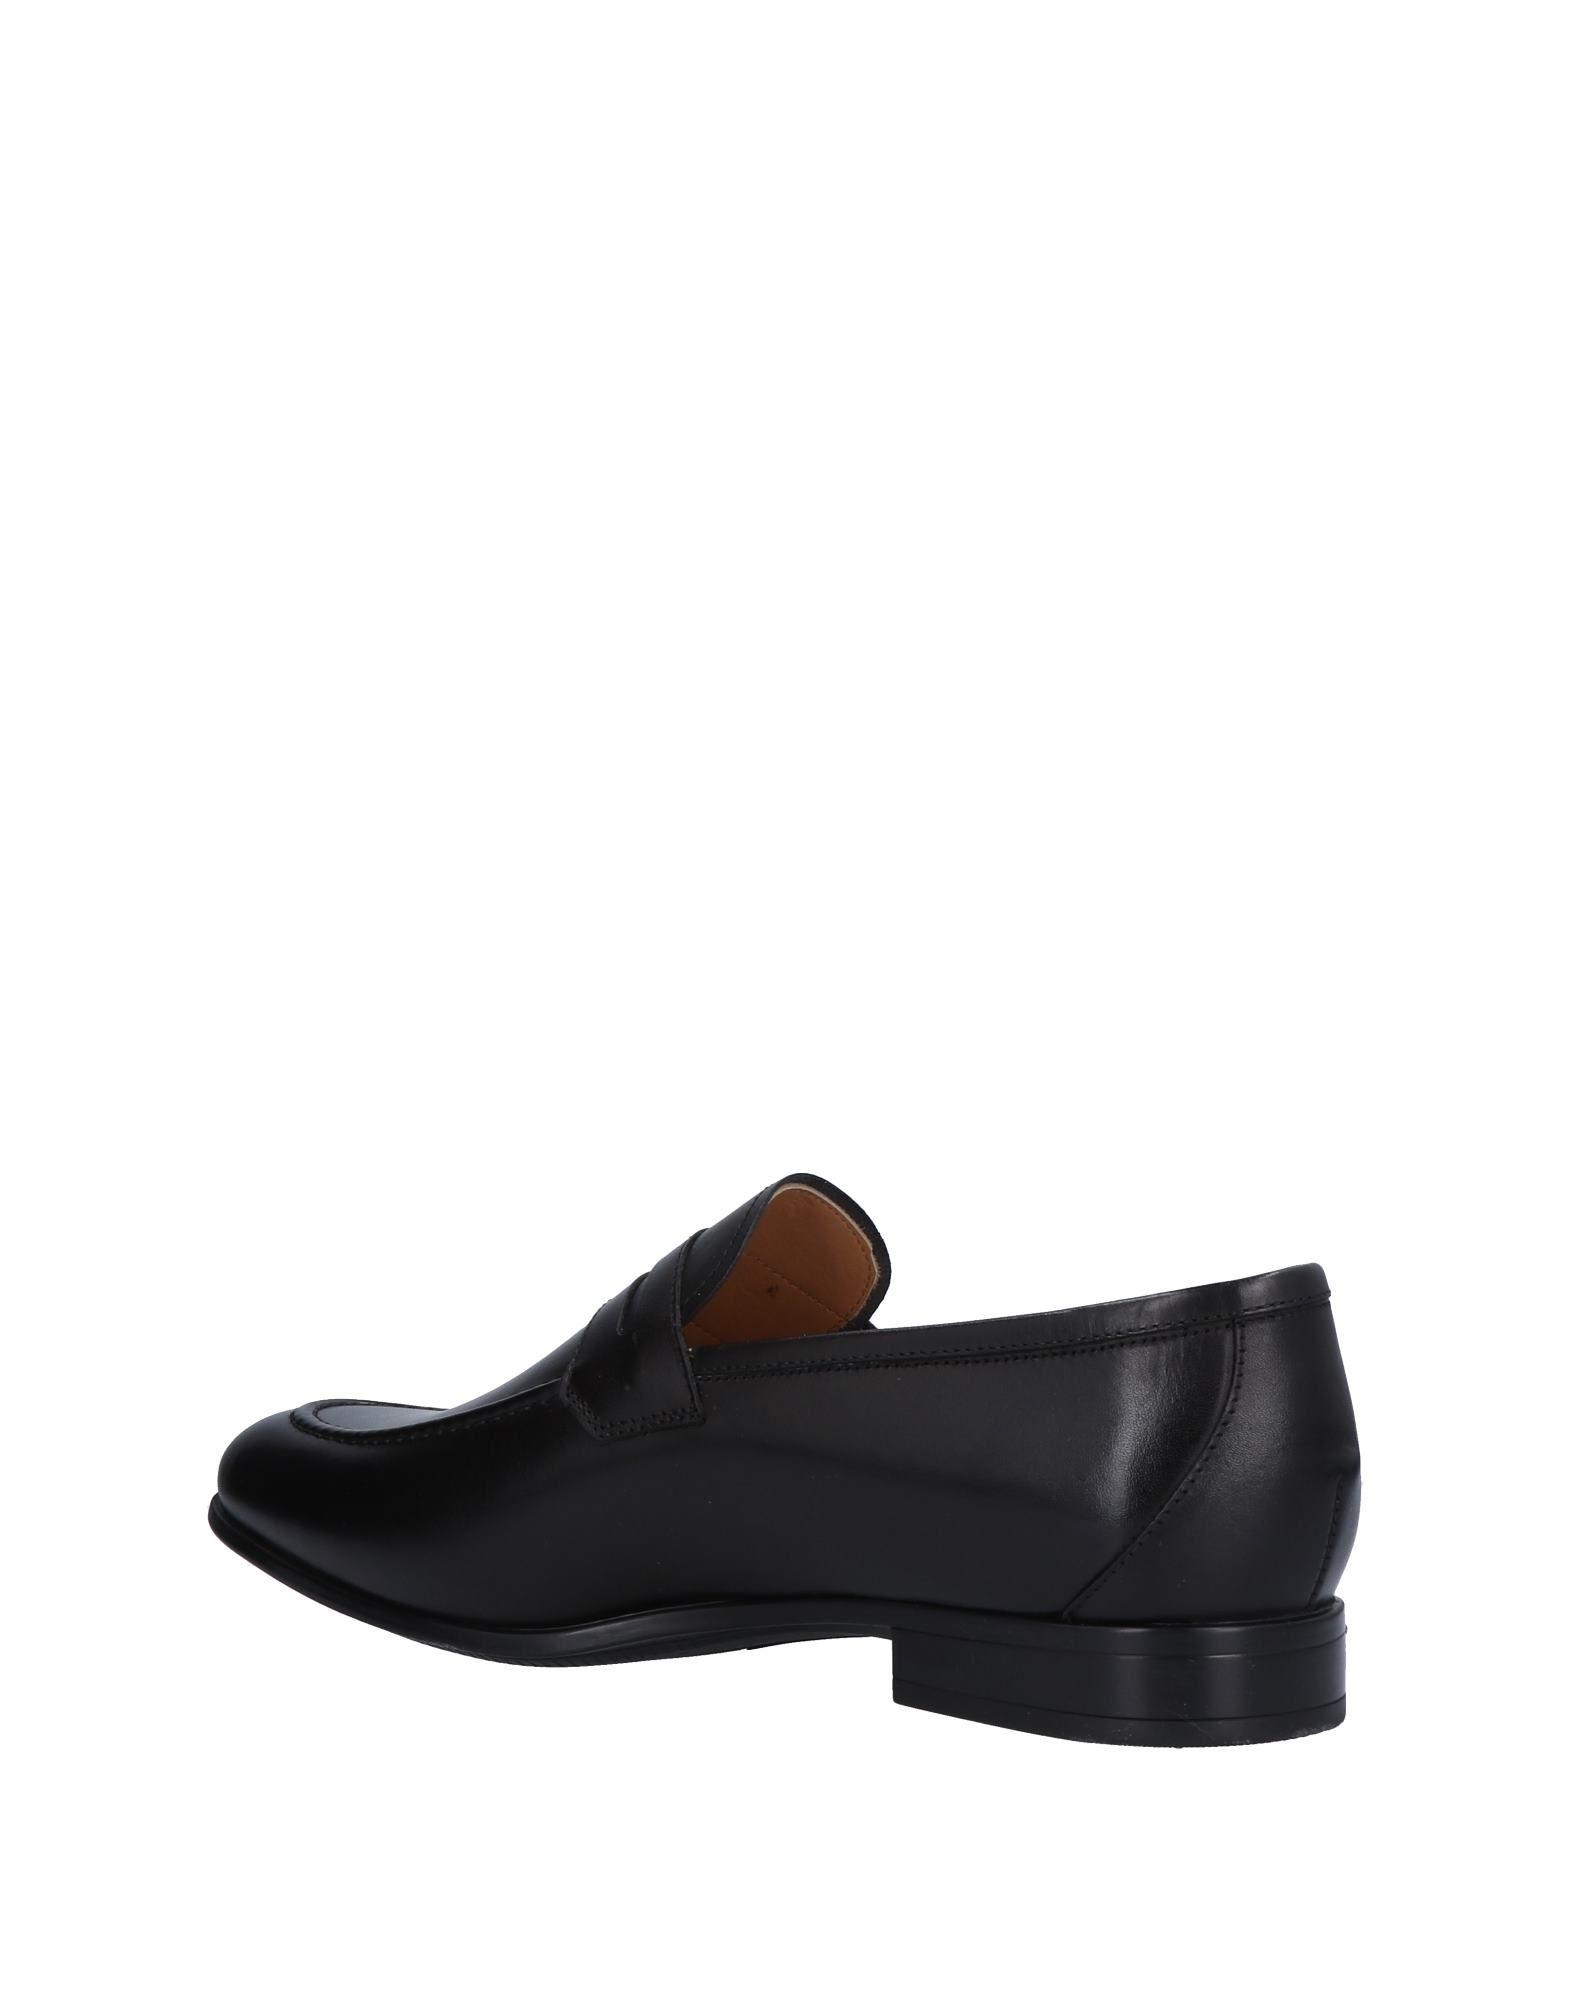 Cantarelli Mokassins Herren beliebte  11502243CI Gute Qualität beliebte Herren Schuhe 63804a